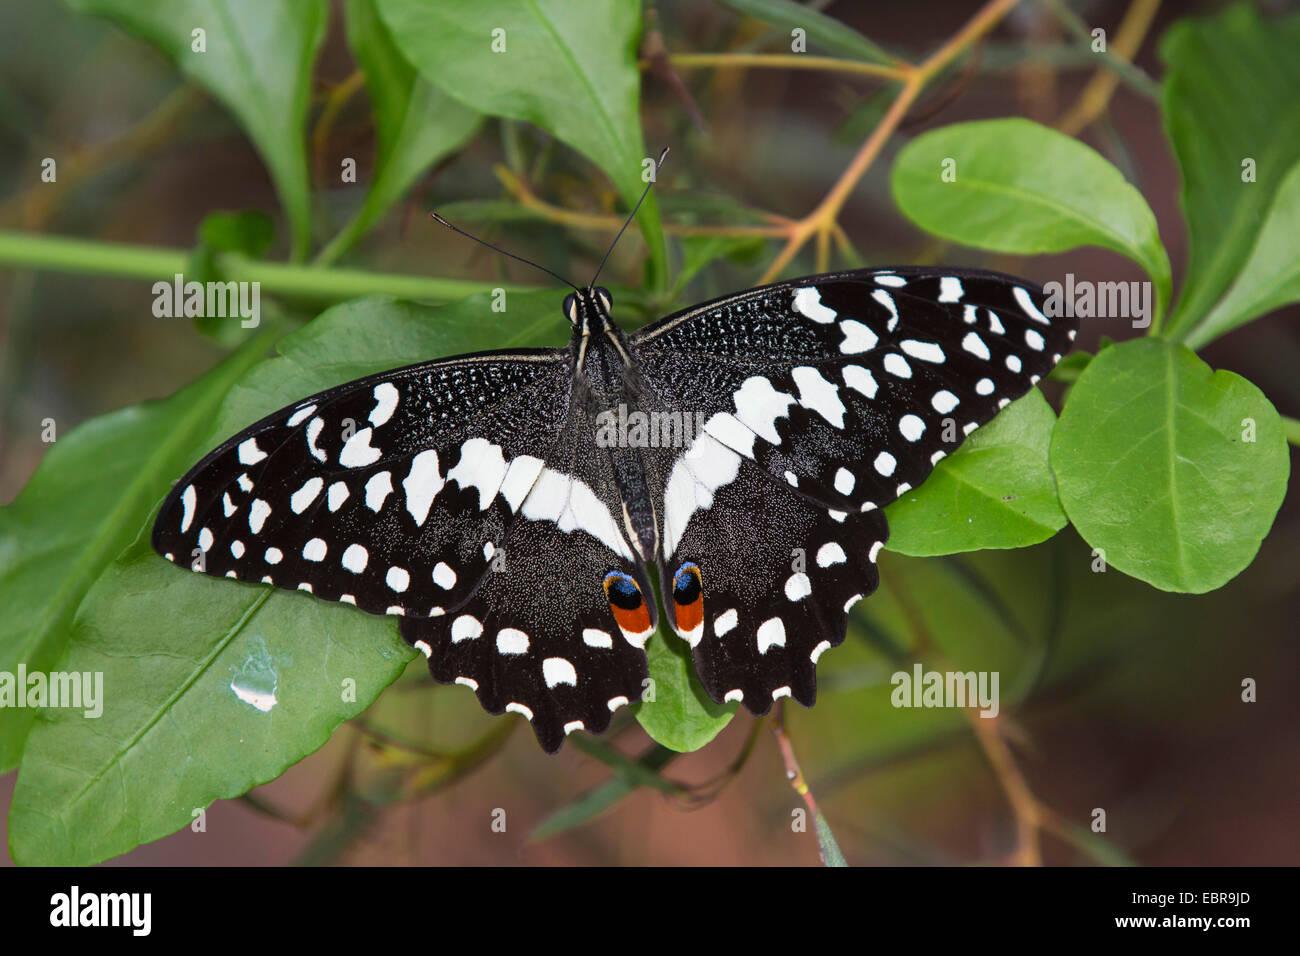 A coda di rondine a scacchi (Papilio demoleus), seduta su una foglia Immagini Stock